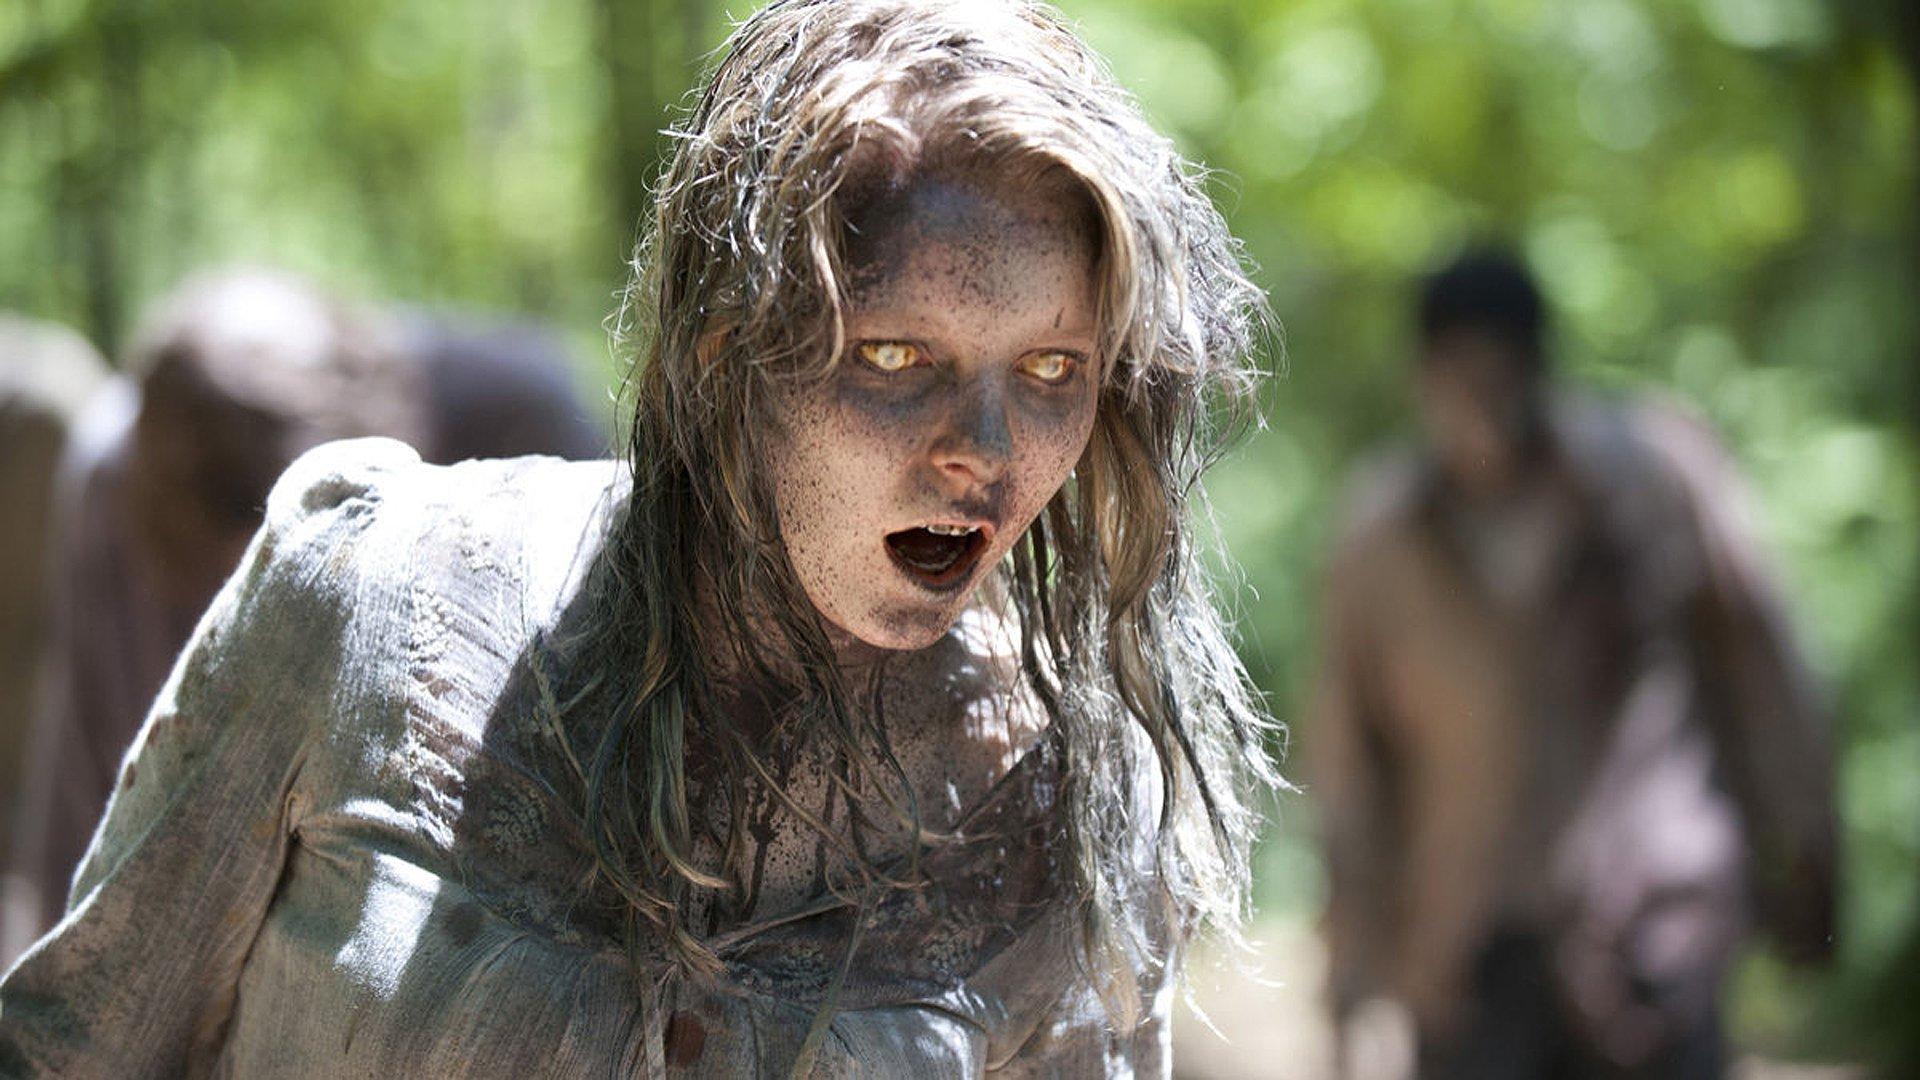 Названы лучшие фильмы о зомби, рейтинг